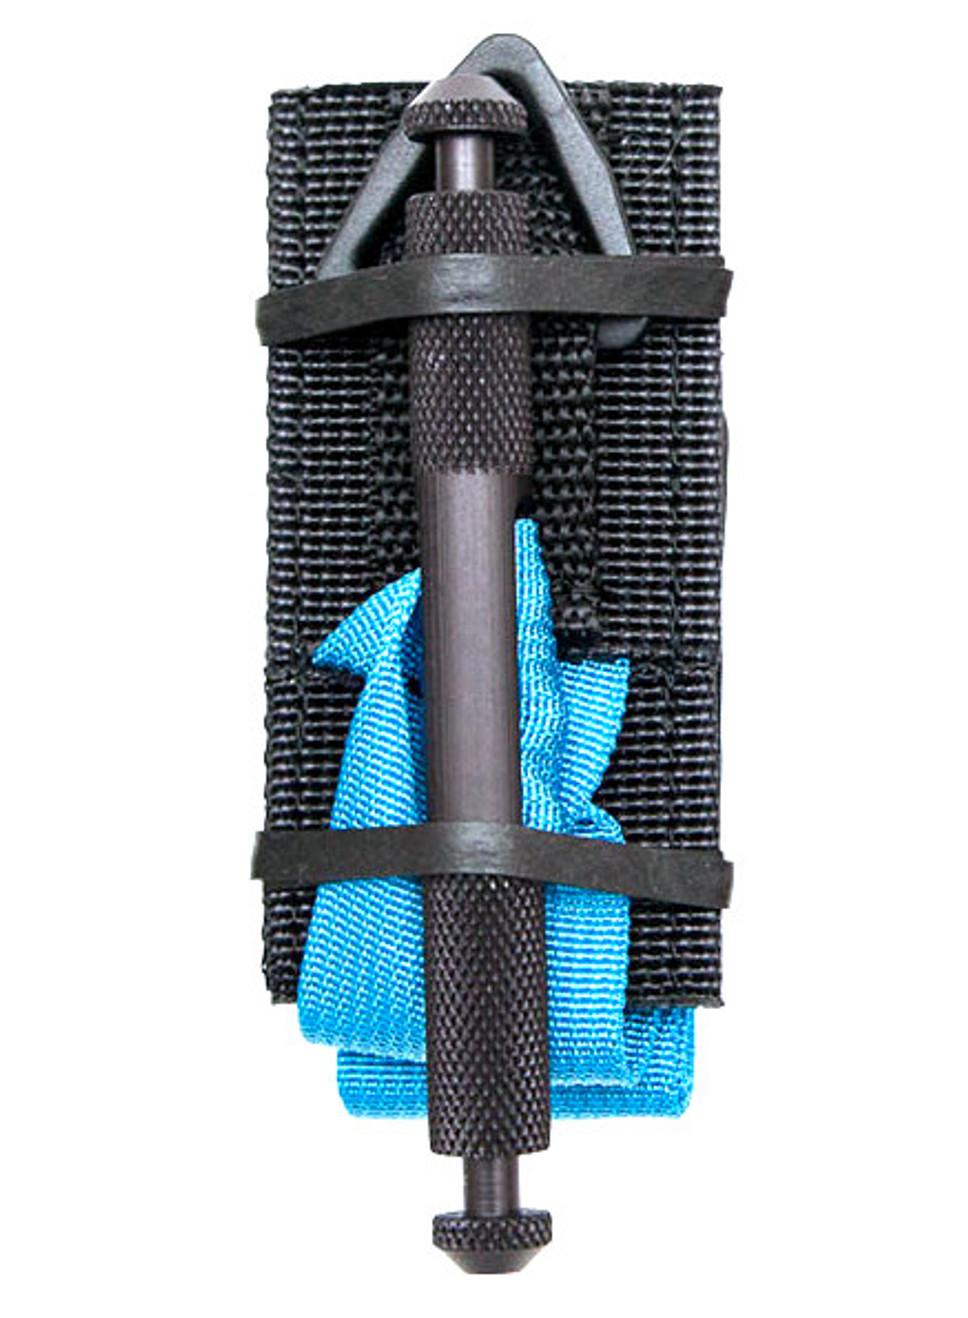 SOF-T WIDE TACTICAL TOURNIQUET GEN 2 (Blue Trainer)